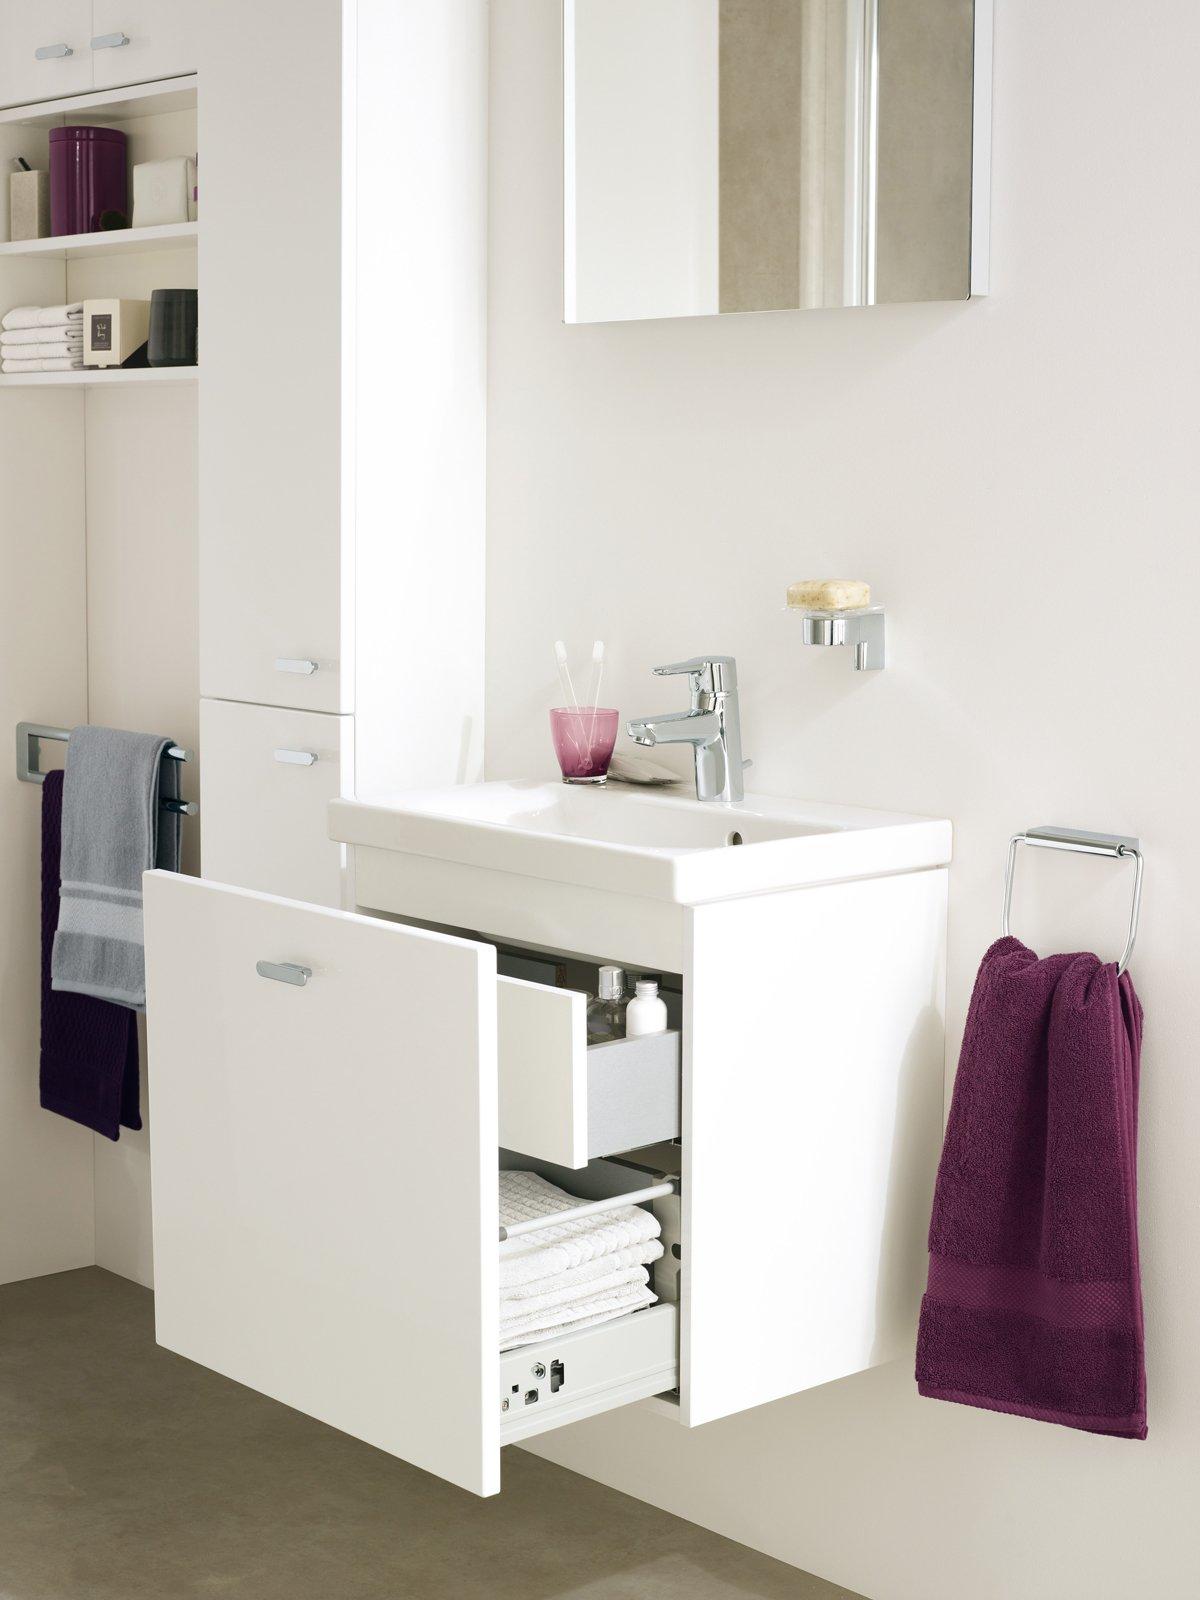 Portasciugamani per il bagno cose di casa - Mobili bagno ideal standard ...